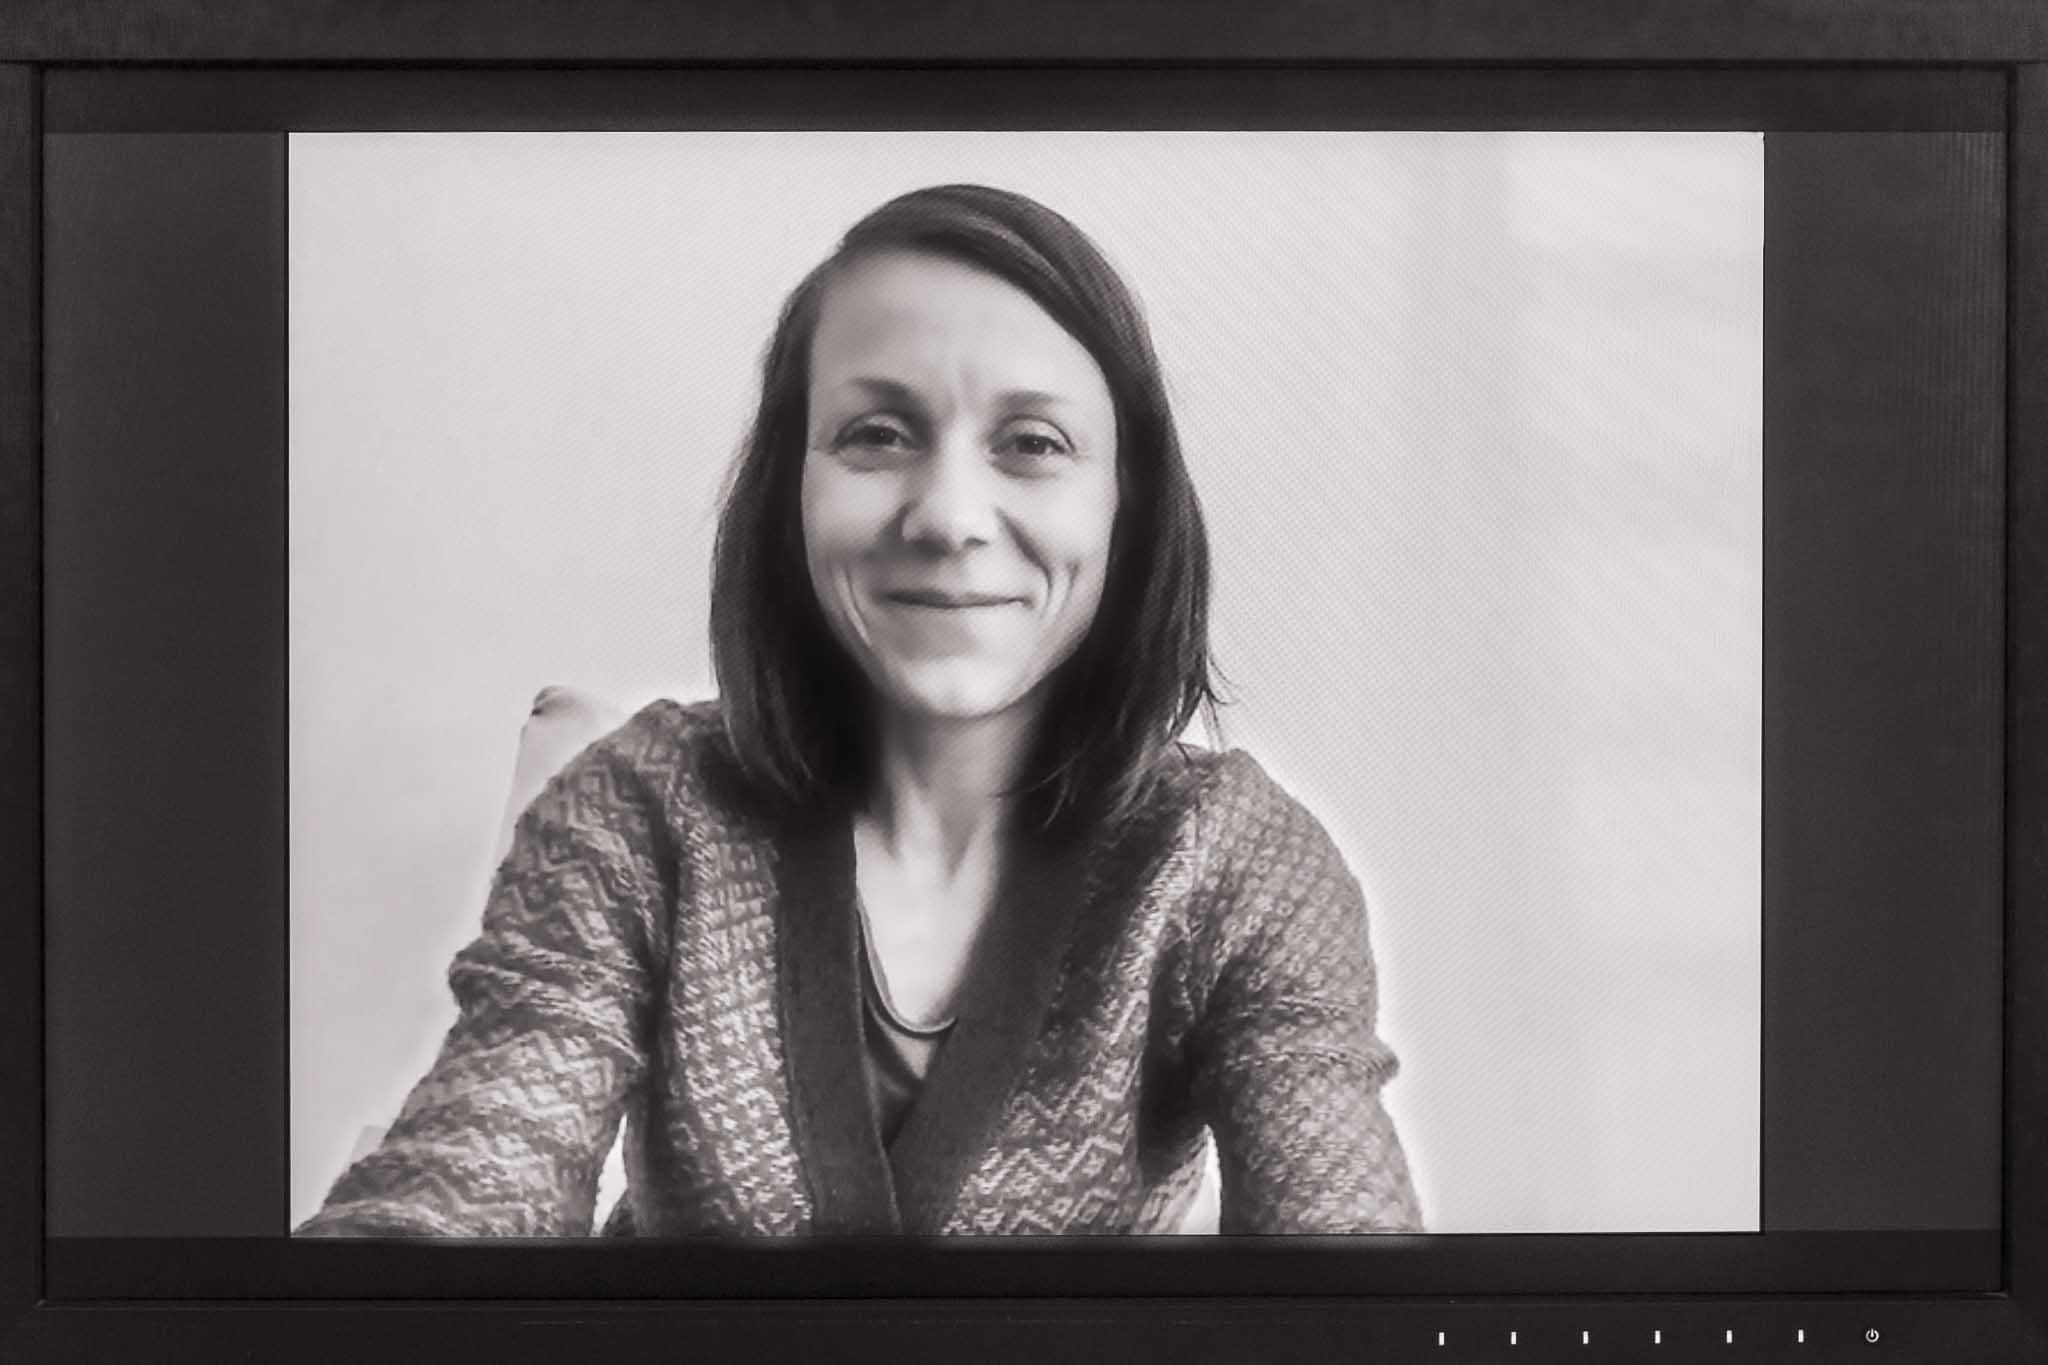 Porträt Verena Richter auf einem Monitor